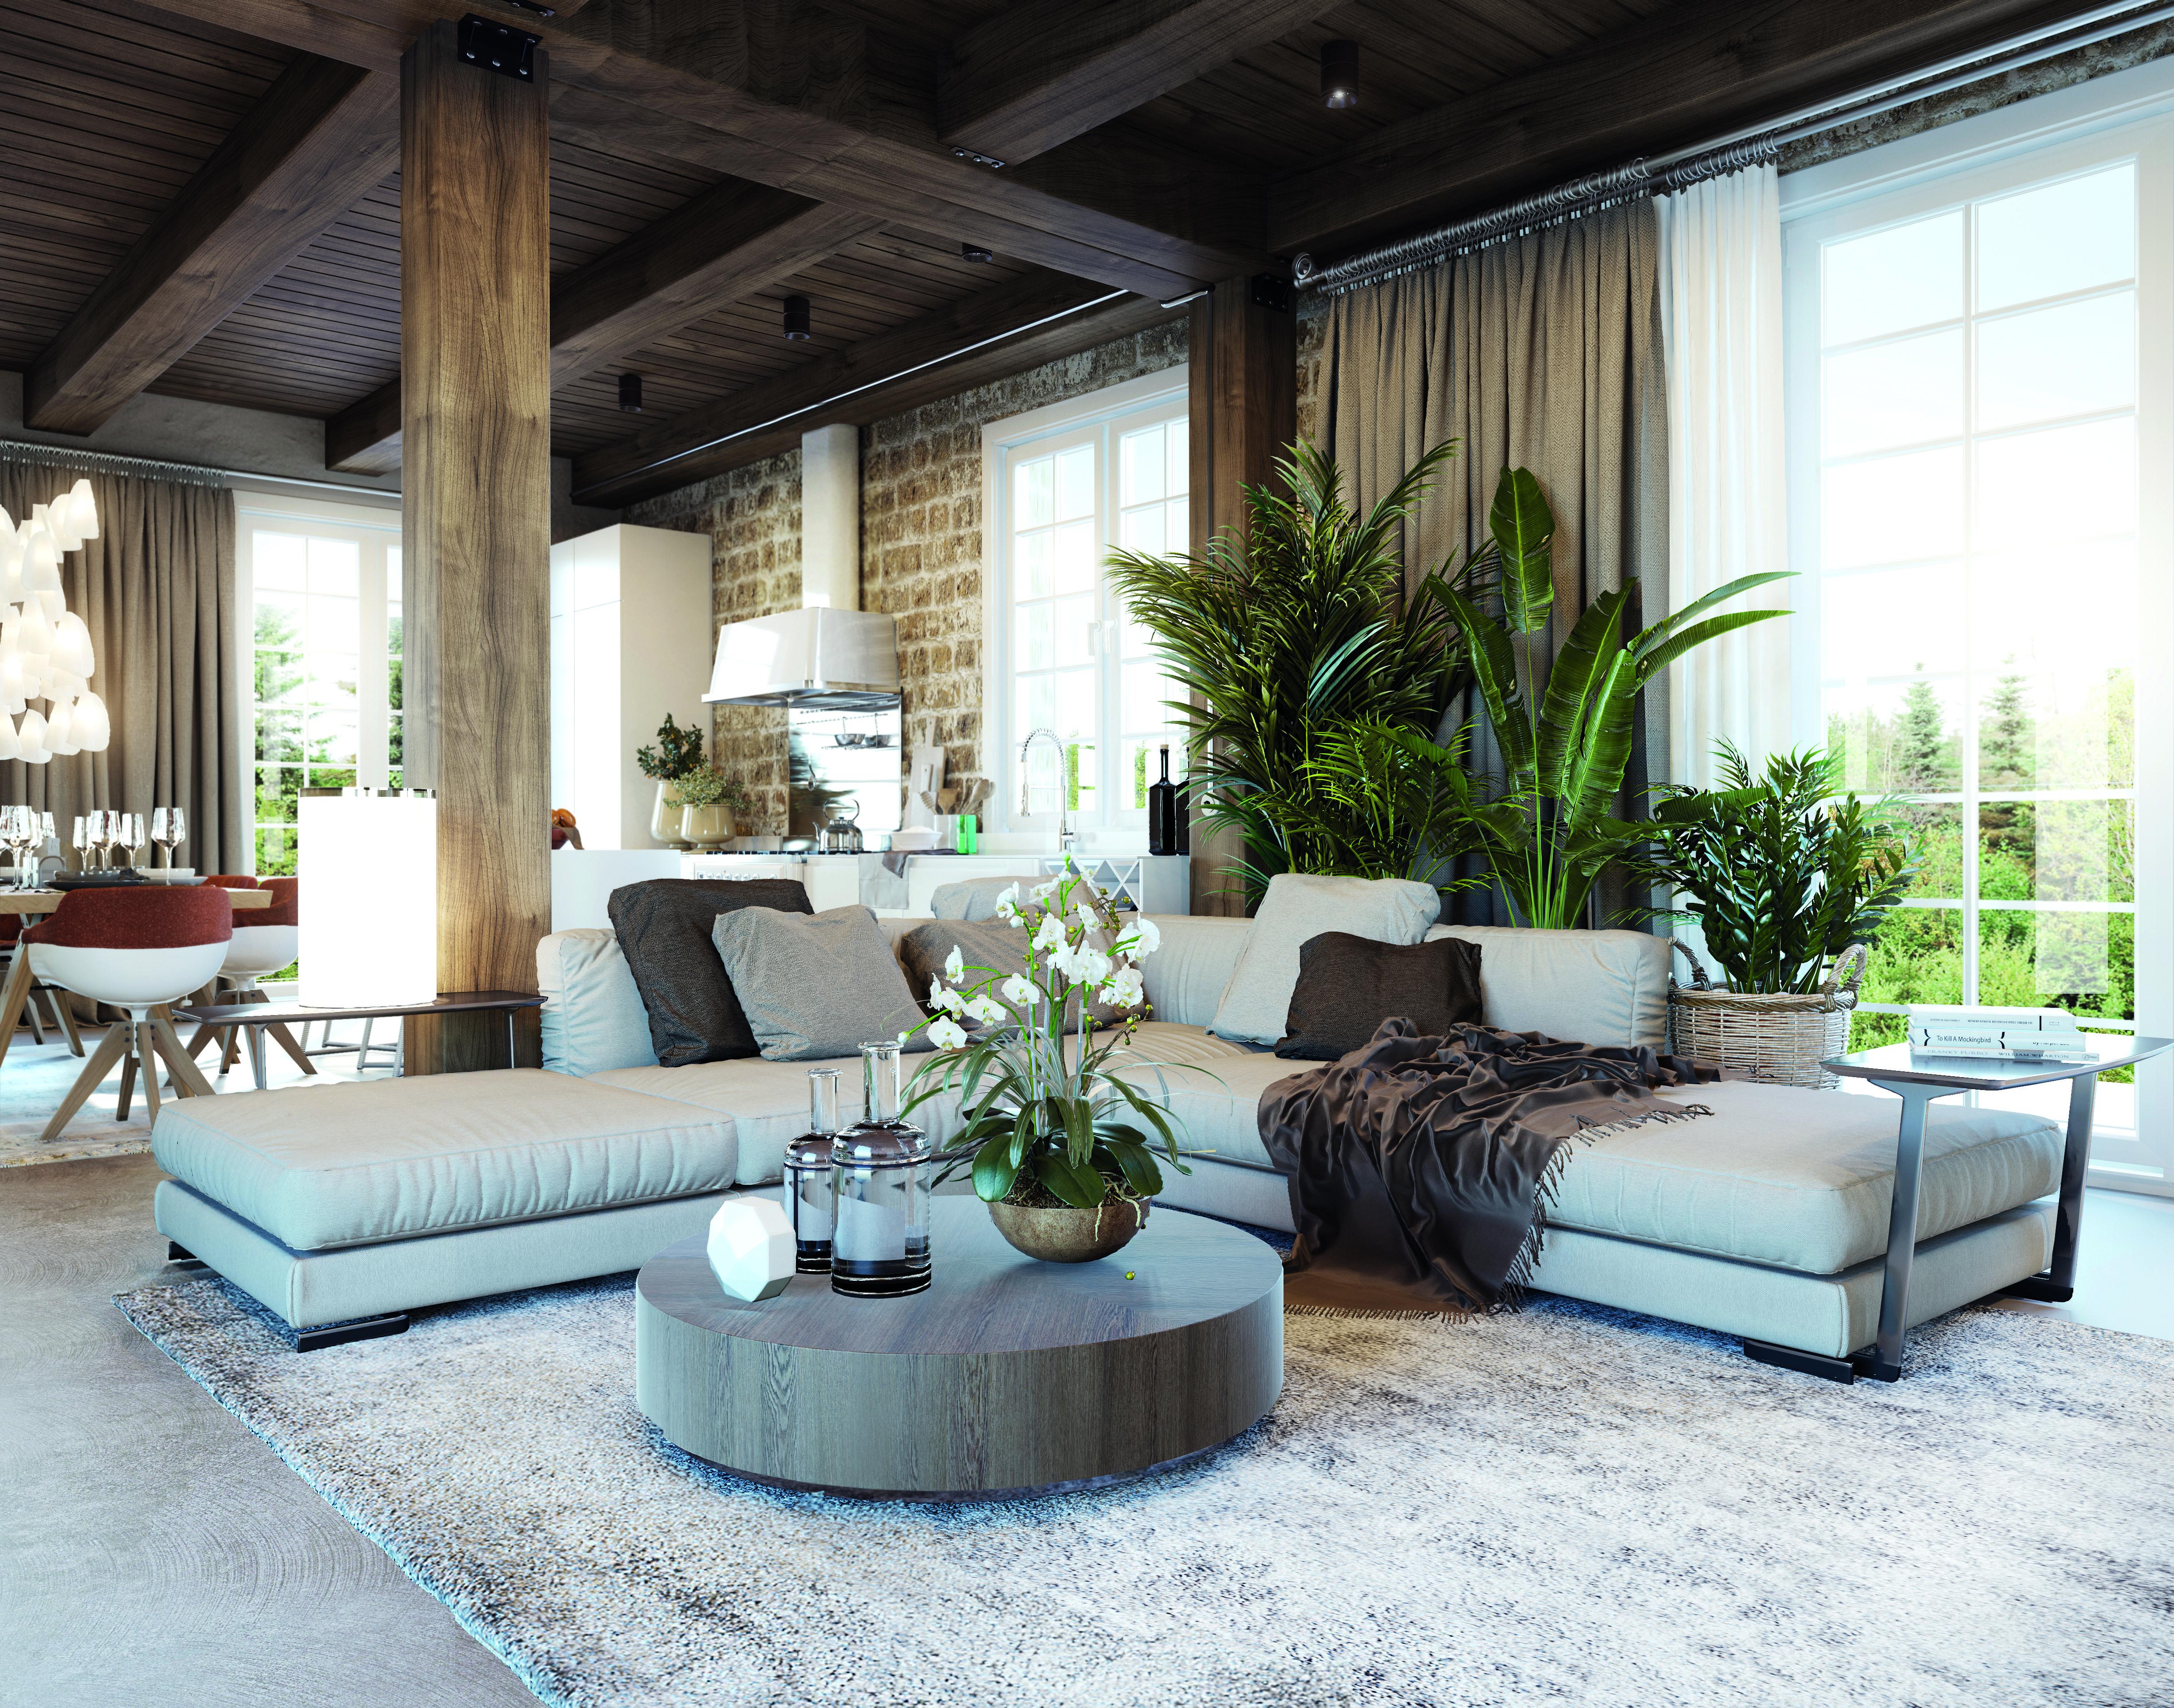 In Umbria Un Casale Ristrutturato Per Uno Stile Nuovo Un Antico Casale Vi Idee Arredamento Soggiorno Arredamento Rustico Soggiorno Arredamento Salotto Rustico